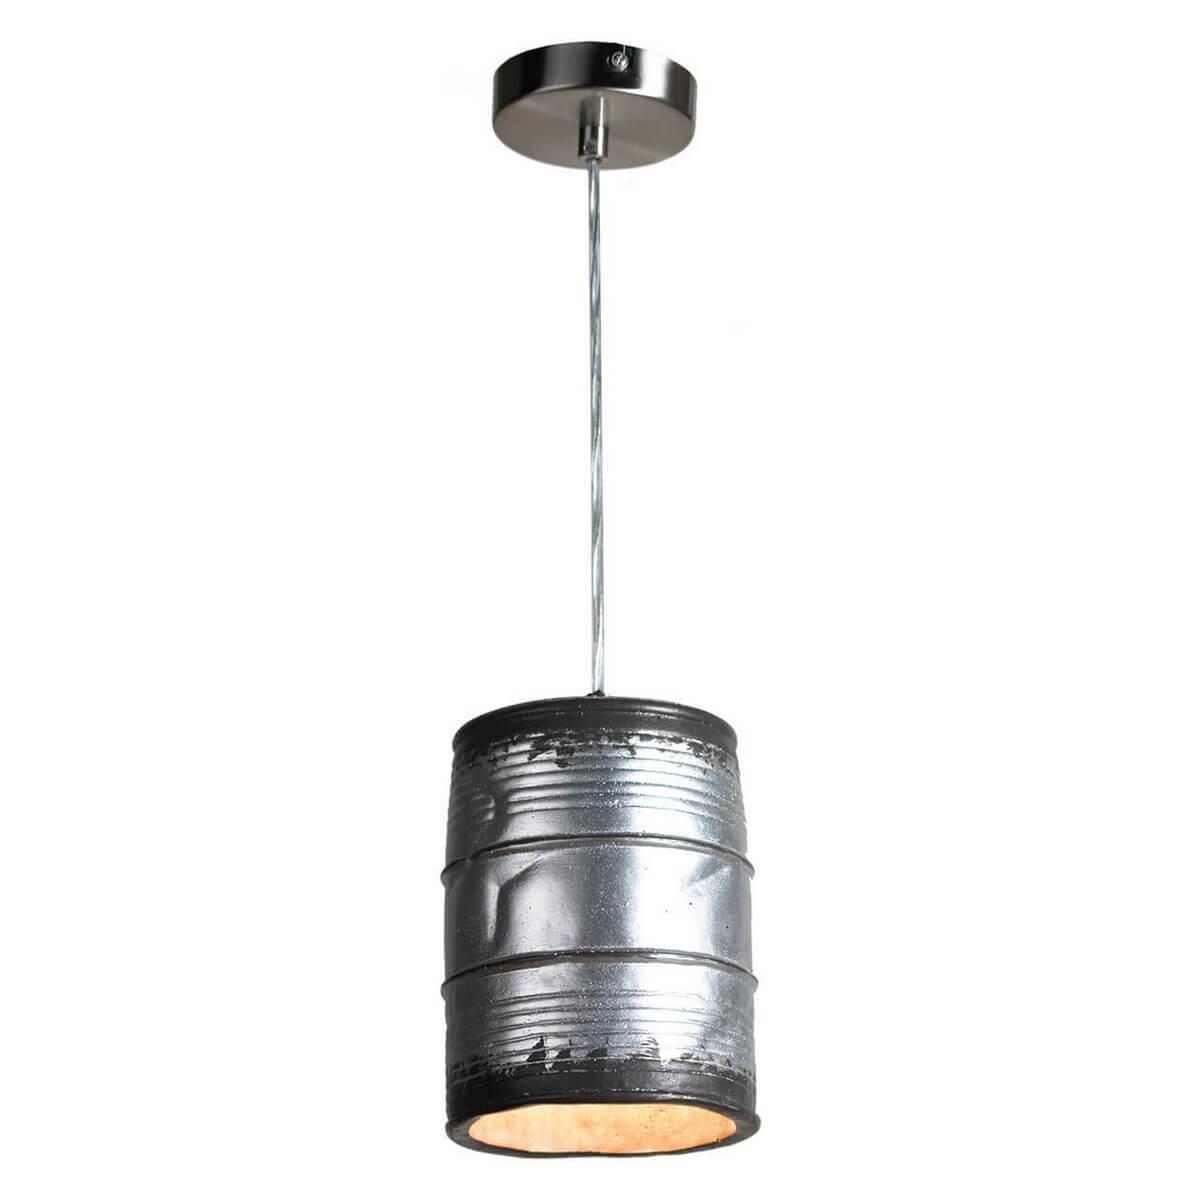 Фото - Подвесной светильник Lussole LOFT LSP-9526, E27, 40 Вт подвеcной светильник lussole loft lsp 9697